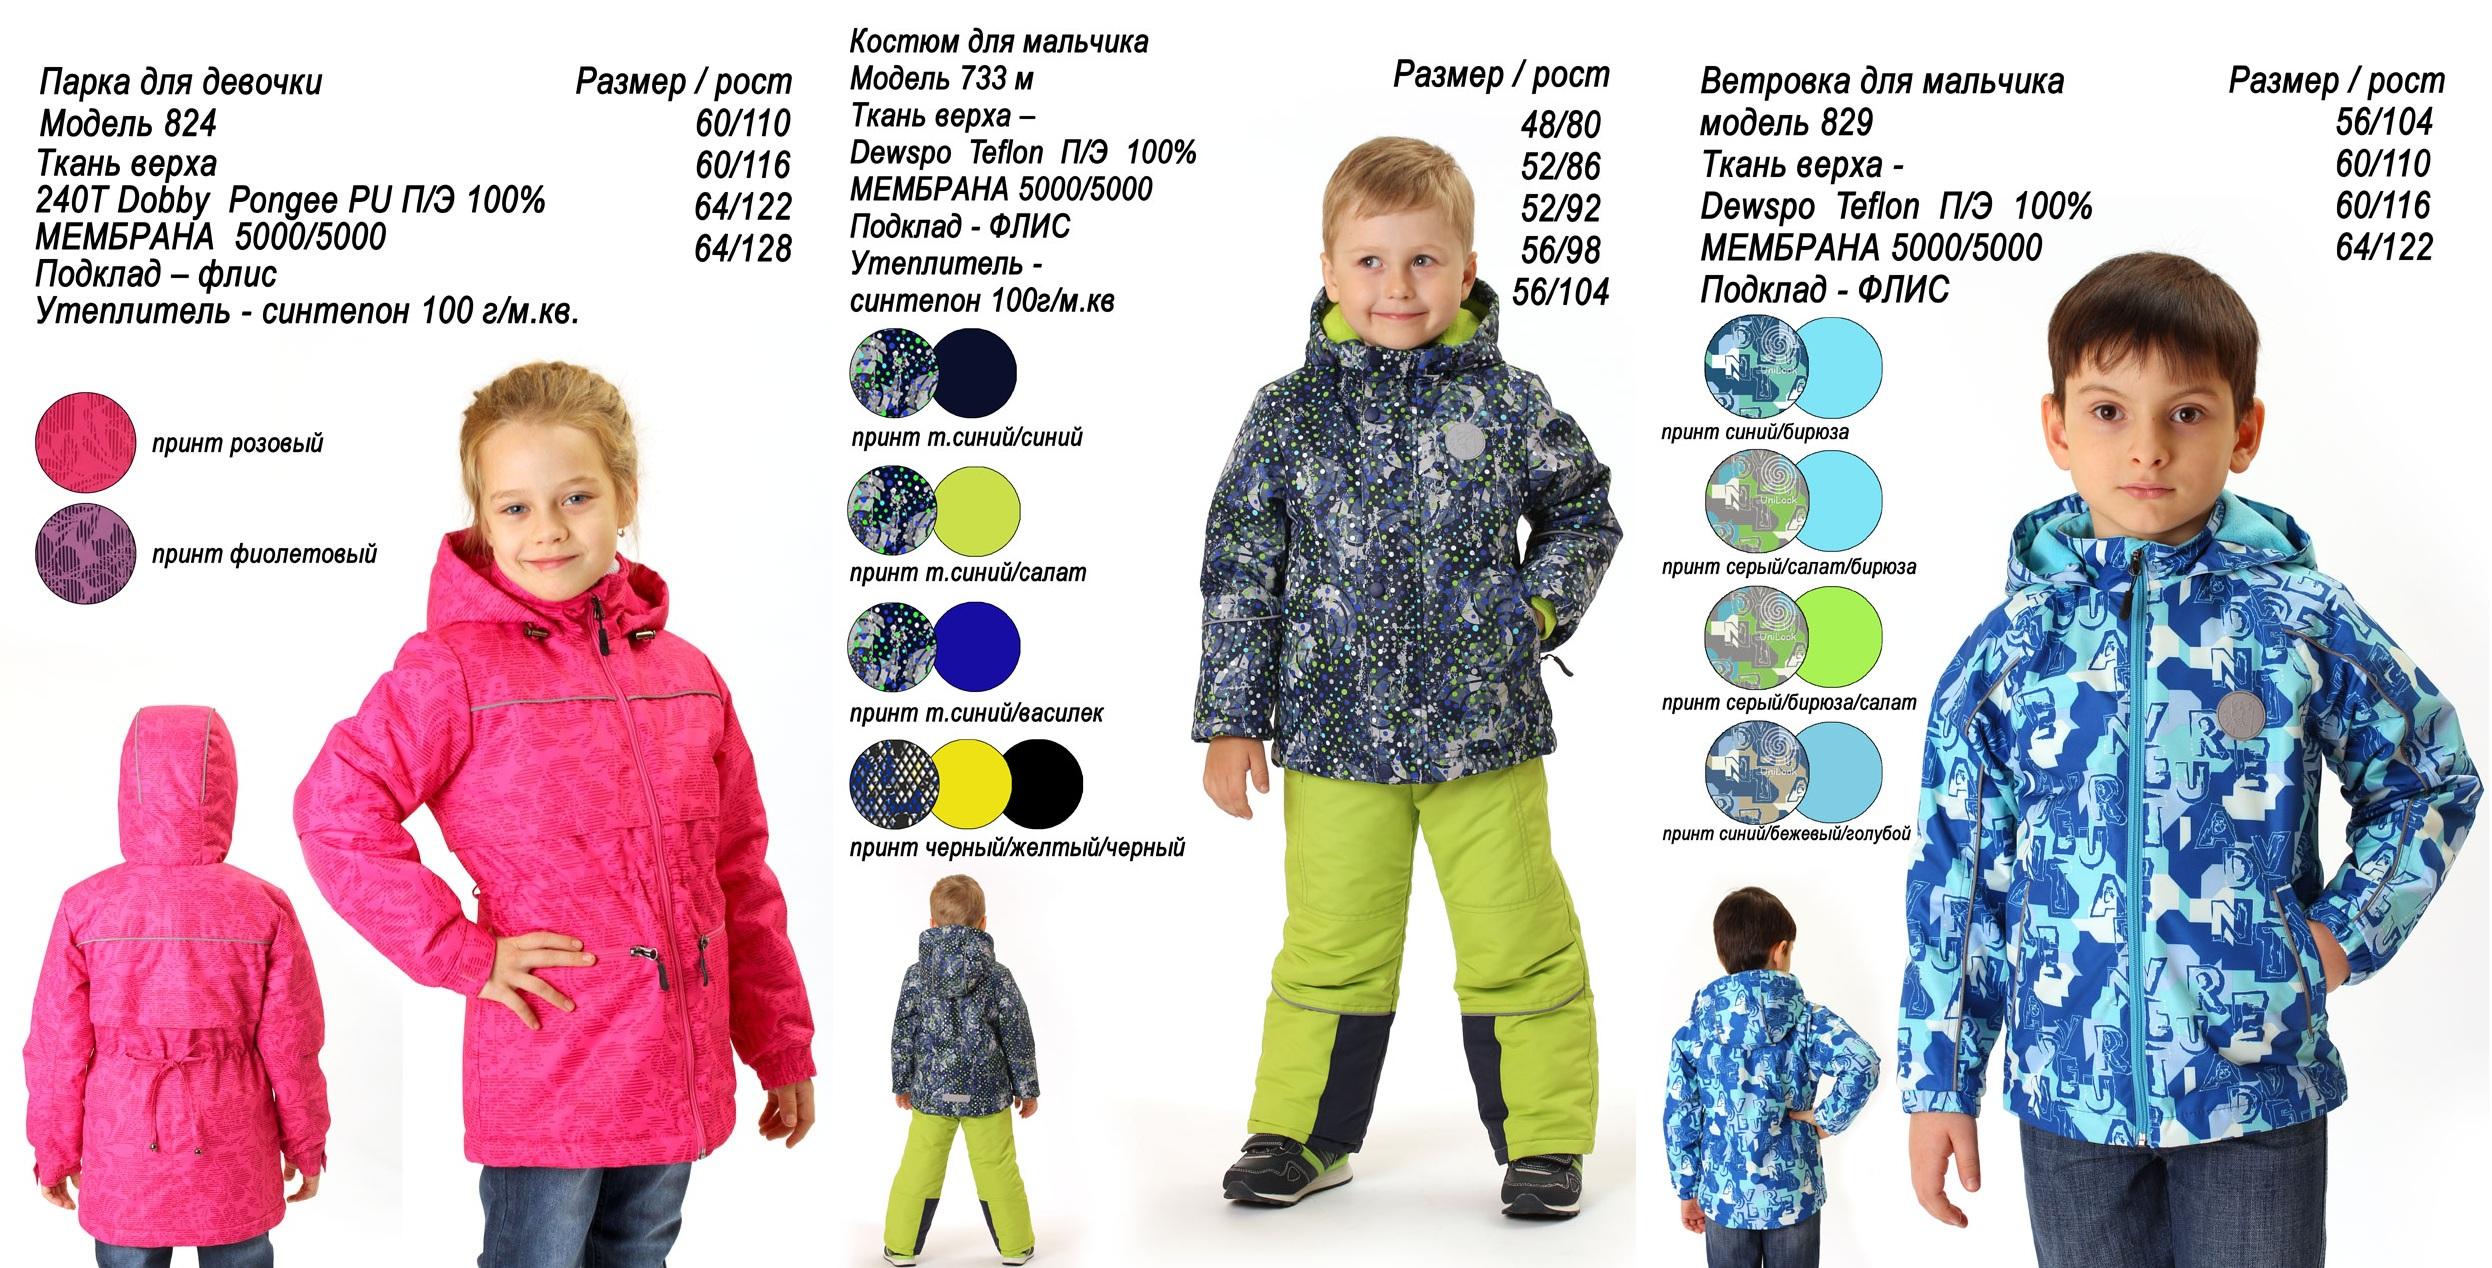 Сбор заказов. Одежда для детей. Sova. Мембрана, Taslan, Fitsystem, трикотаж. Высокое качество, доступные цены, много отзывов и подробных замеров-14 Полукомбезы от 490р, костюмы от 990р!